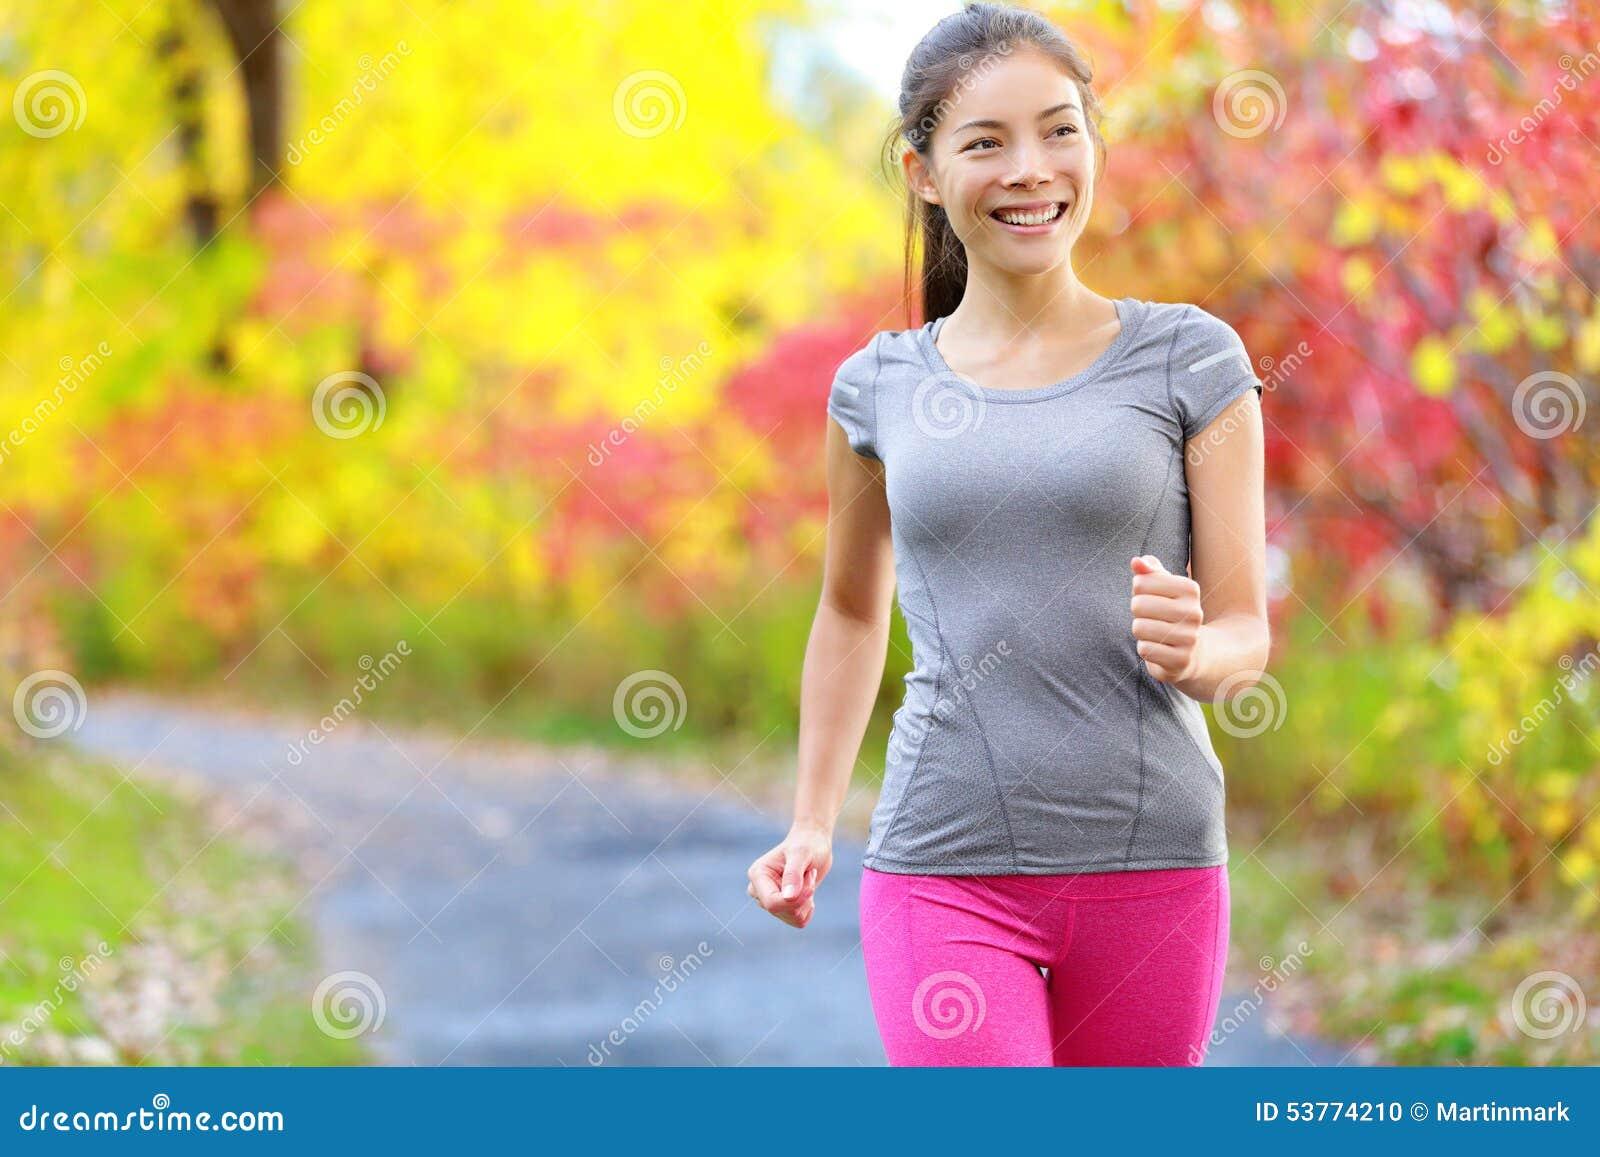 Caminhada nórdica de passeio da velocidade do poder da mulher e movimentar-se